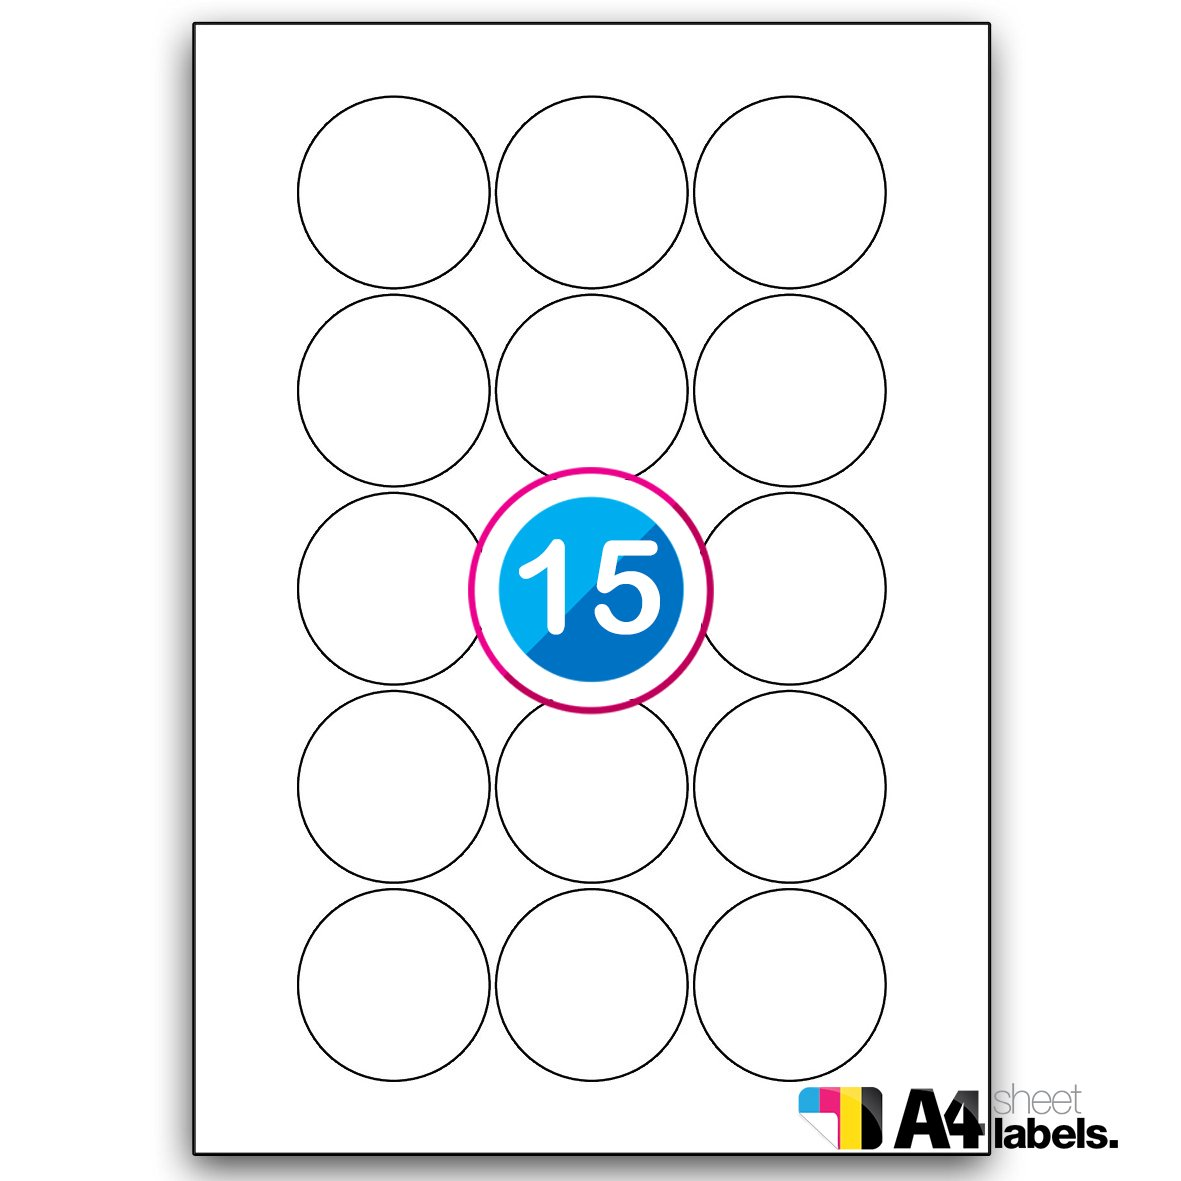 Multiusos en blanco de bordes redondeados etiquetas para archivadores de - adhesivo 15 hojas para libro de 63 hoja de - etiquetas 50 mm Diámetro del: ...